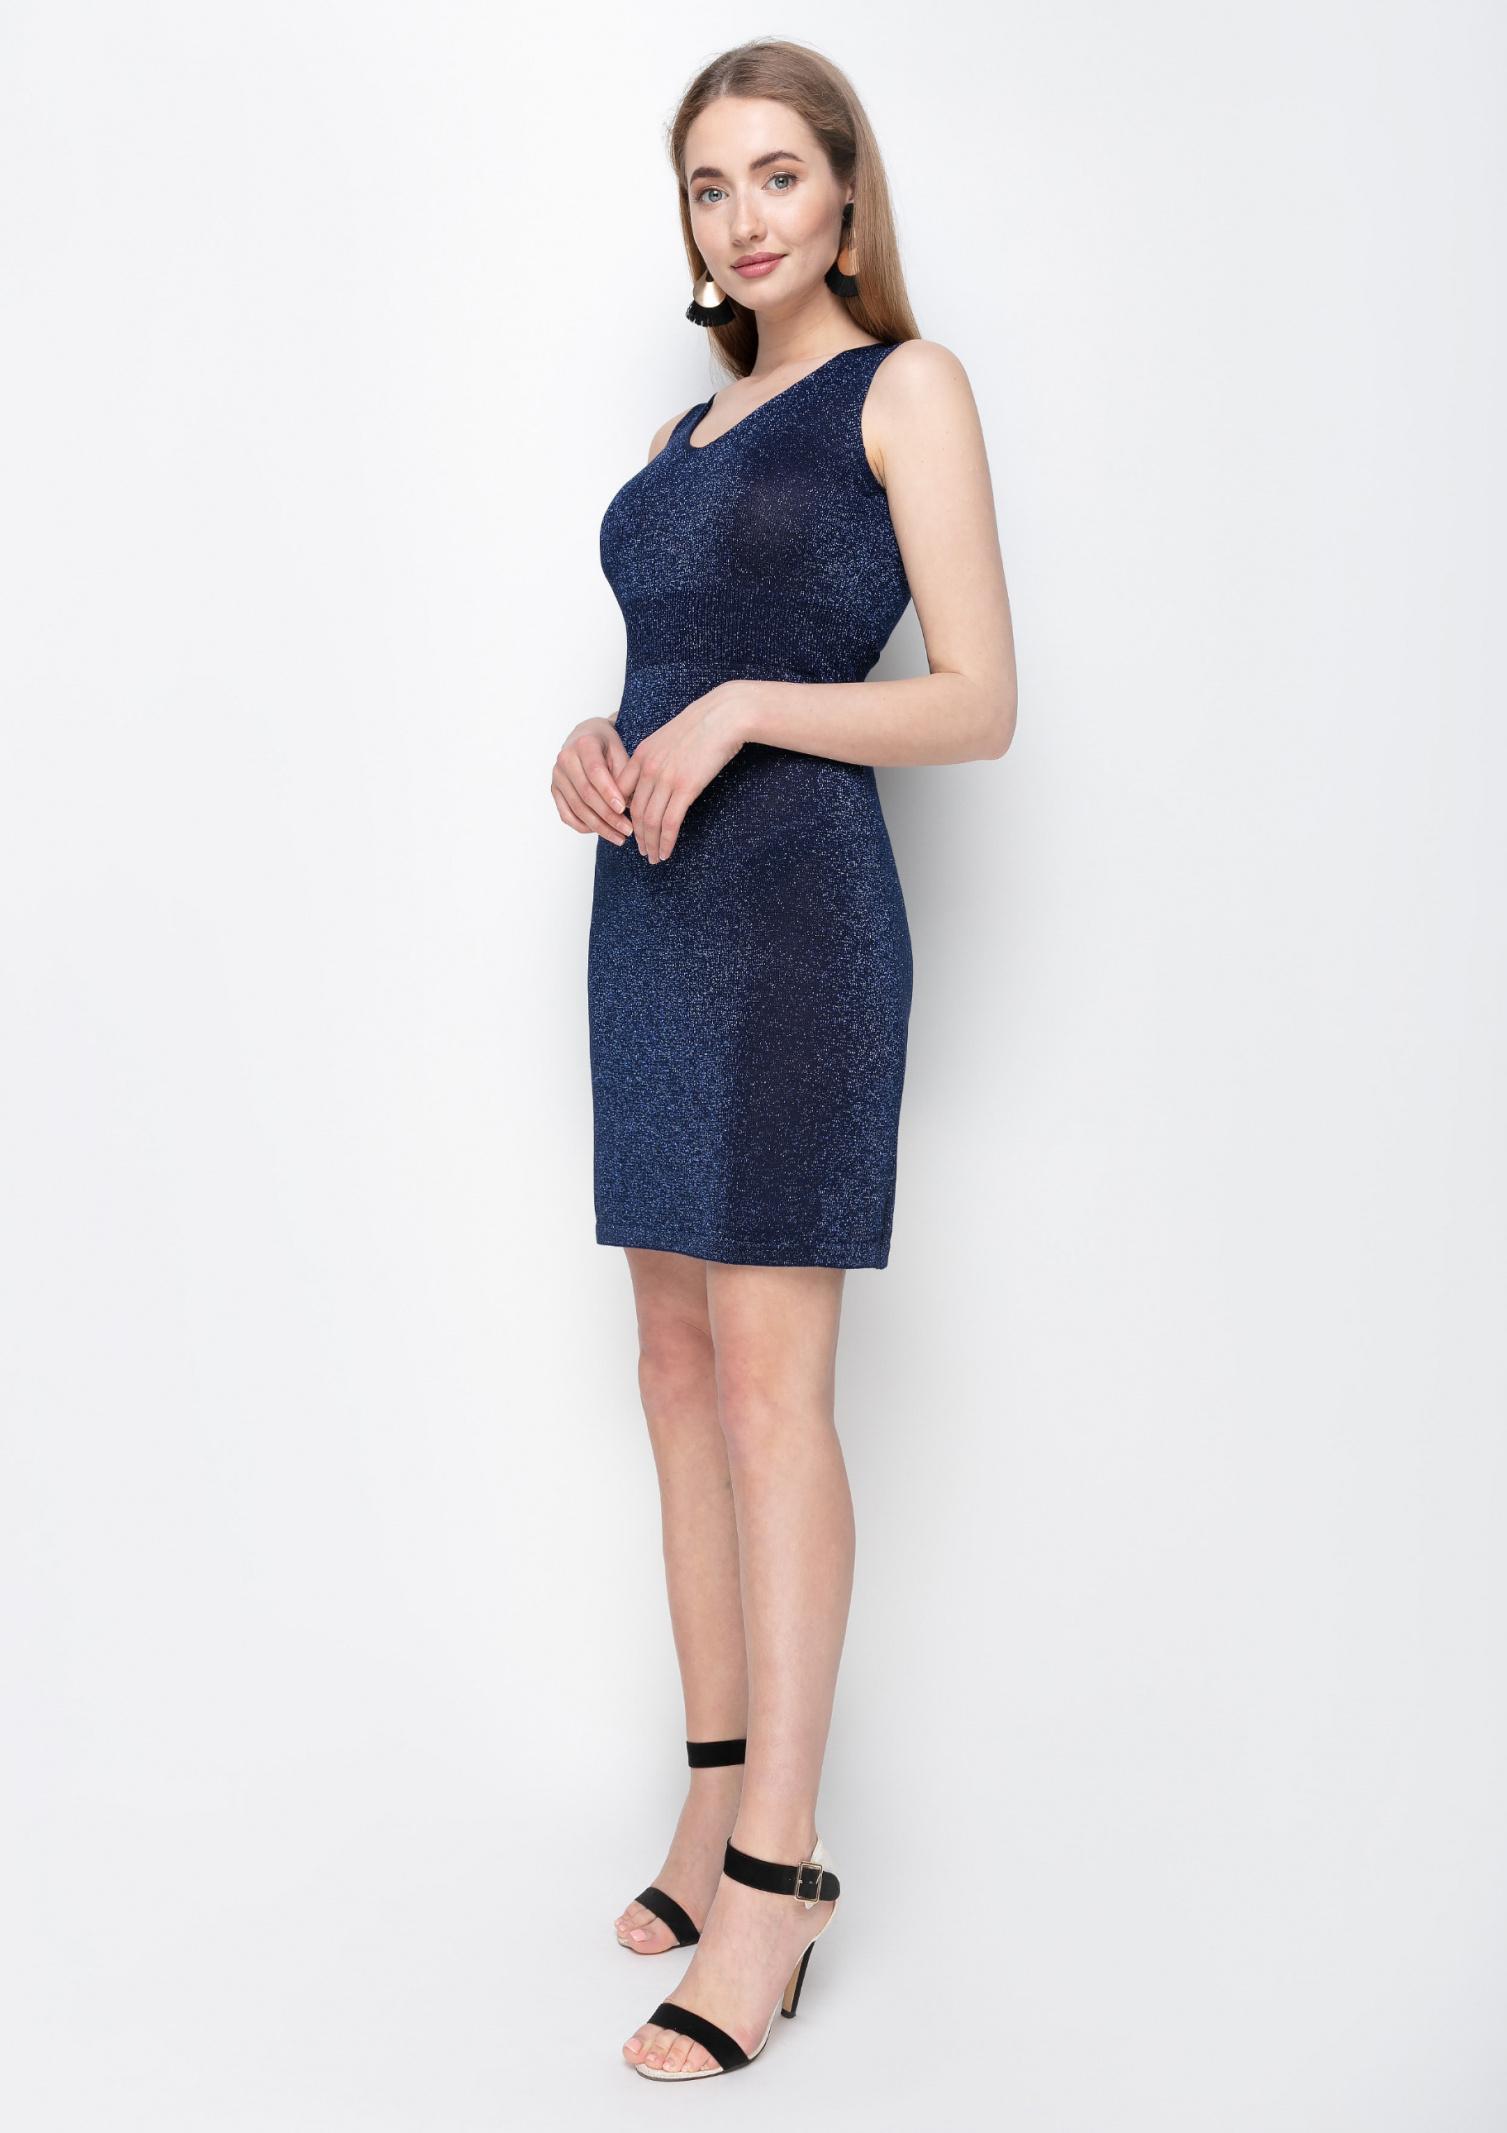 Samange Сукня жіночі модель 590-GIG_270 купити, 2017